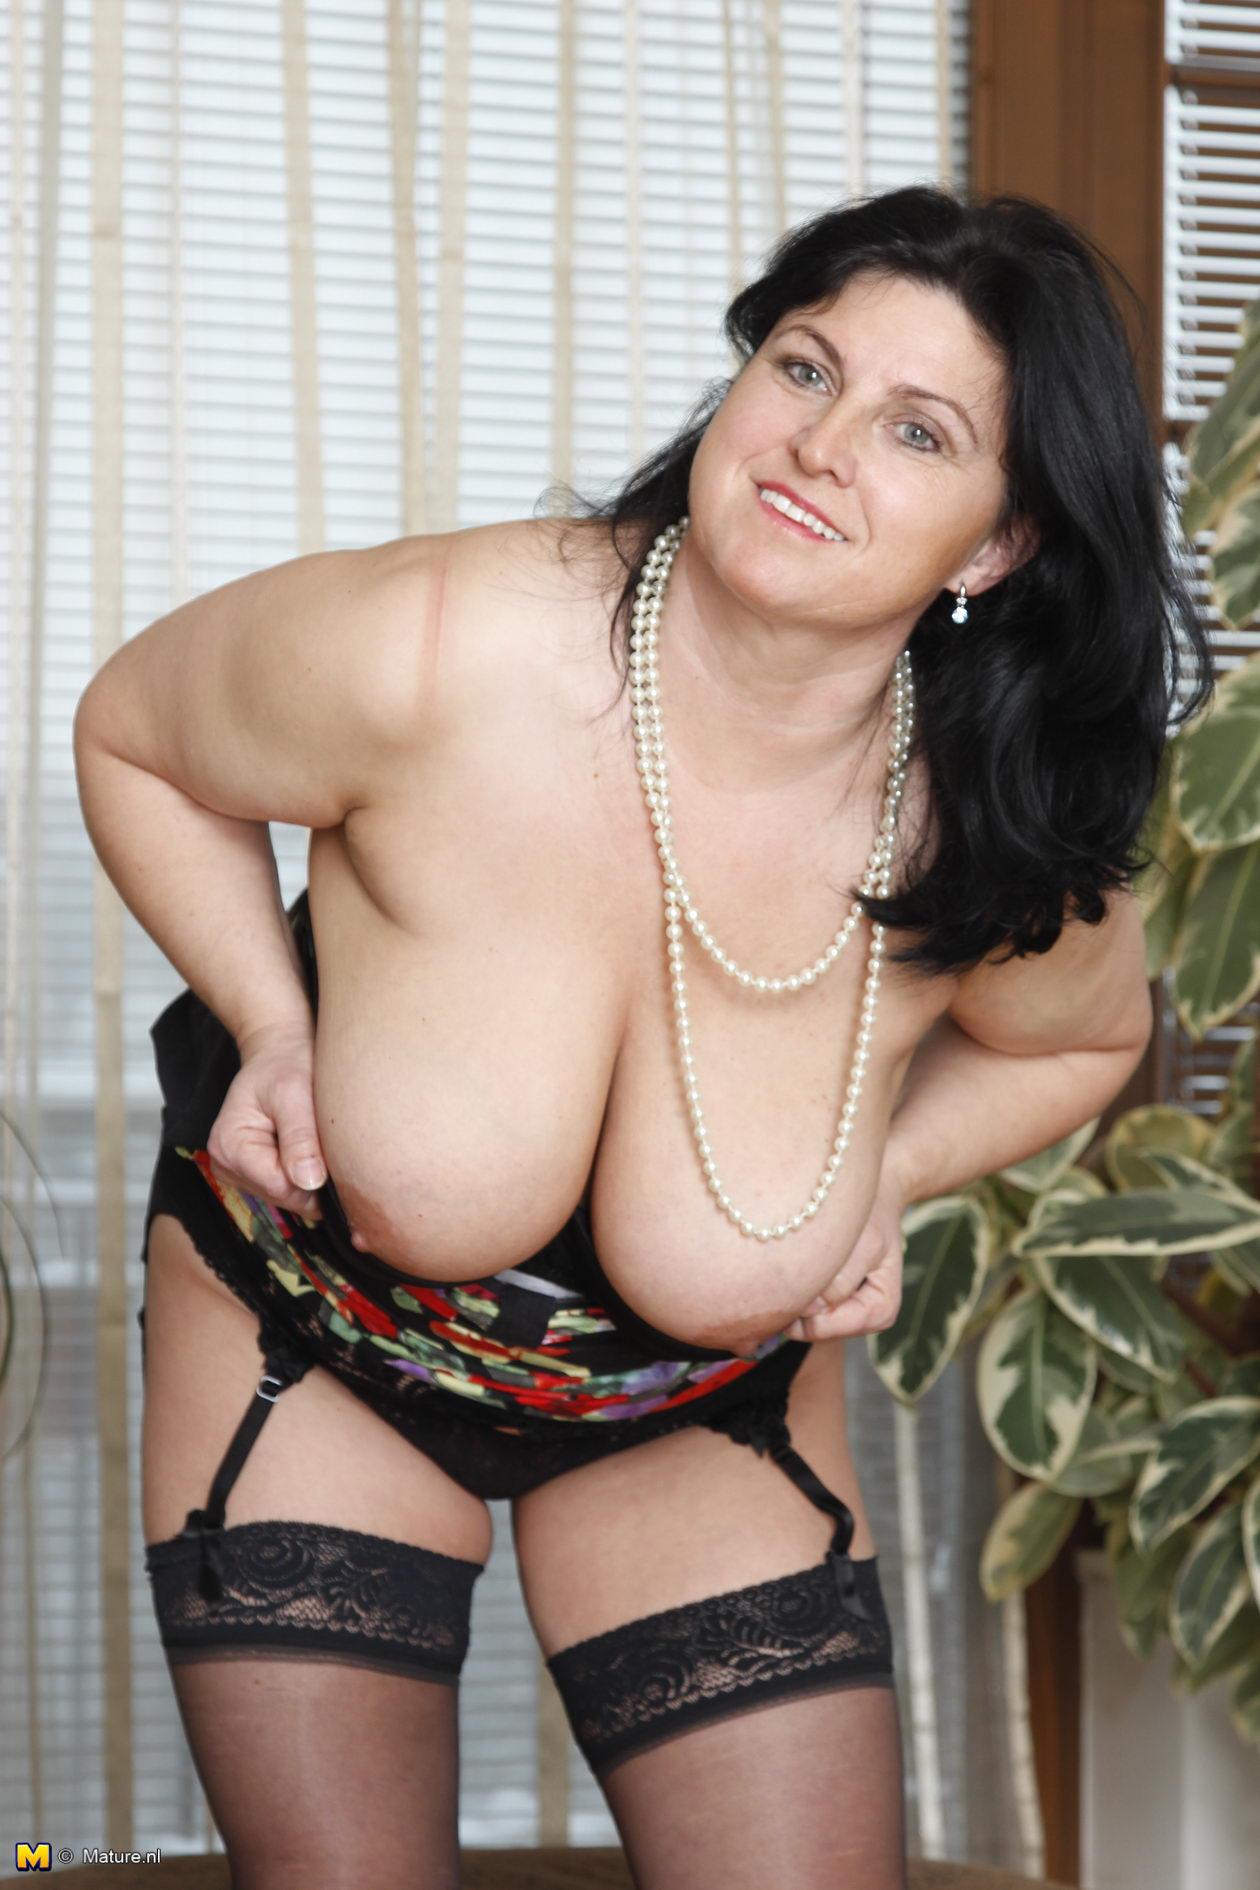 girlfriends-mature-boobs-gallery